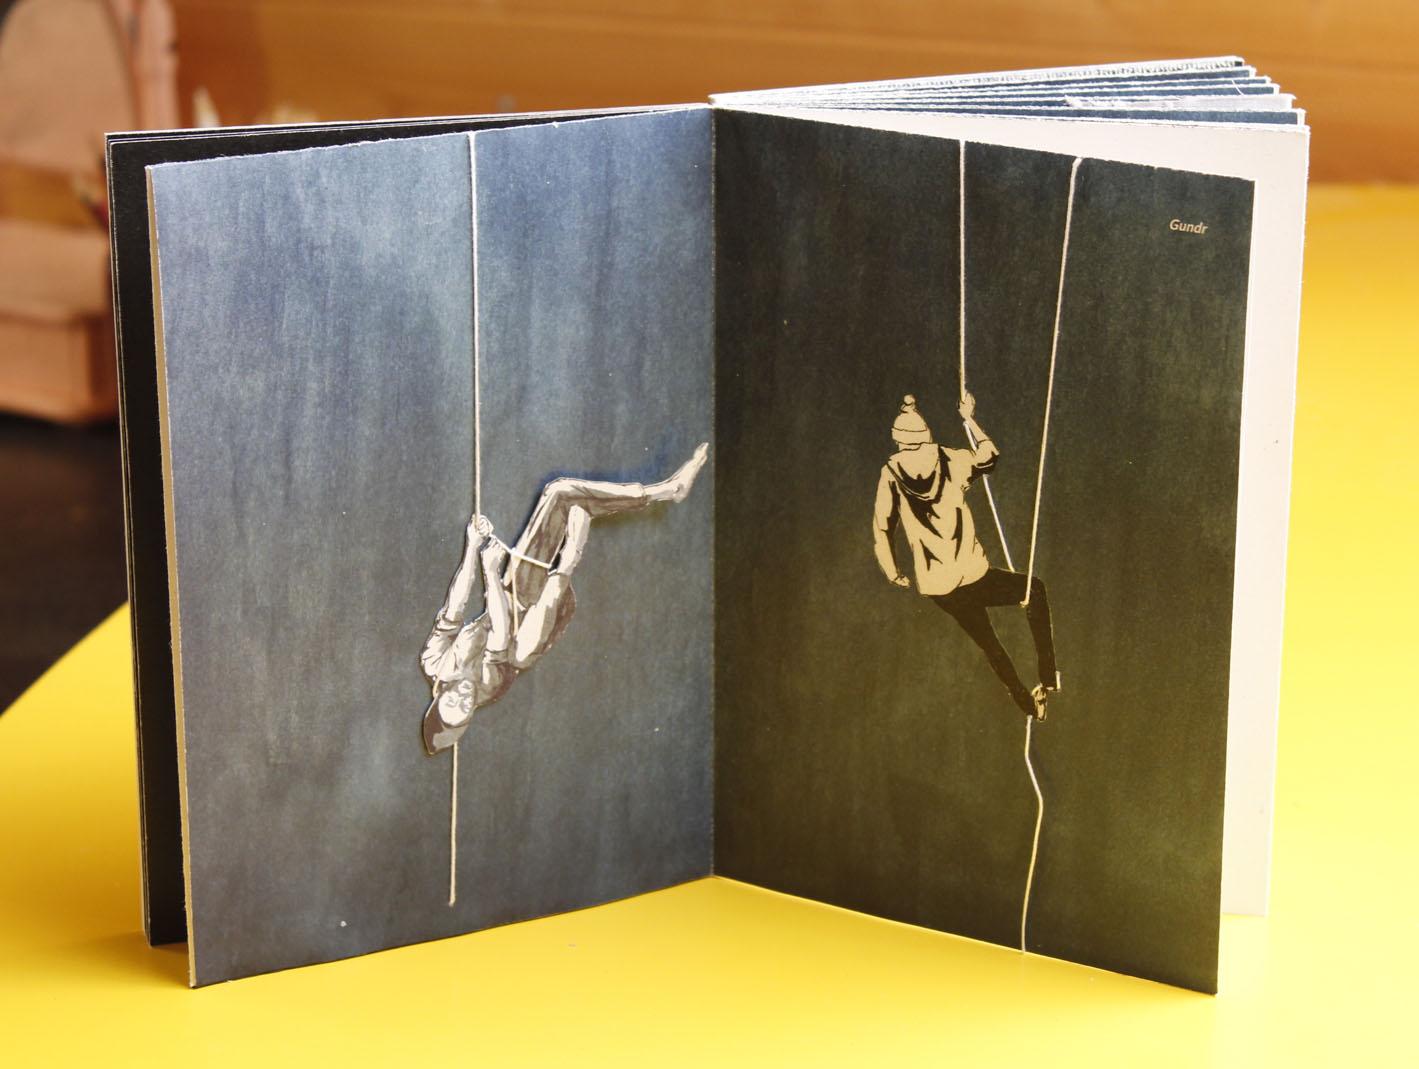 autorská kniha — DIV!<br> ukázka dvoustran<br> maturitní práce | 4.ročník